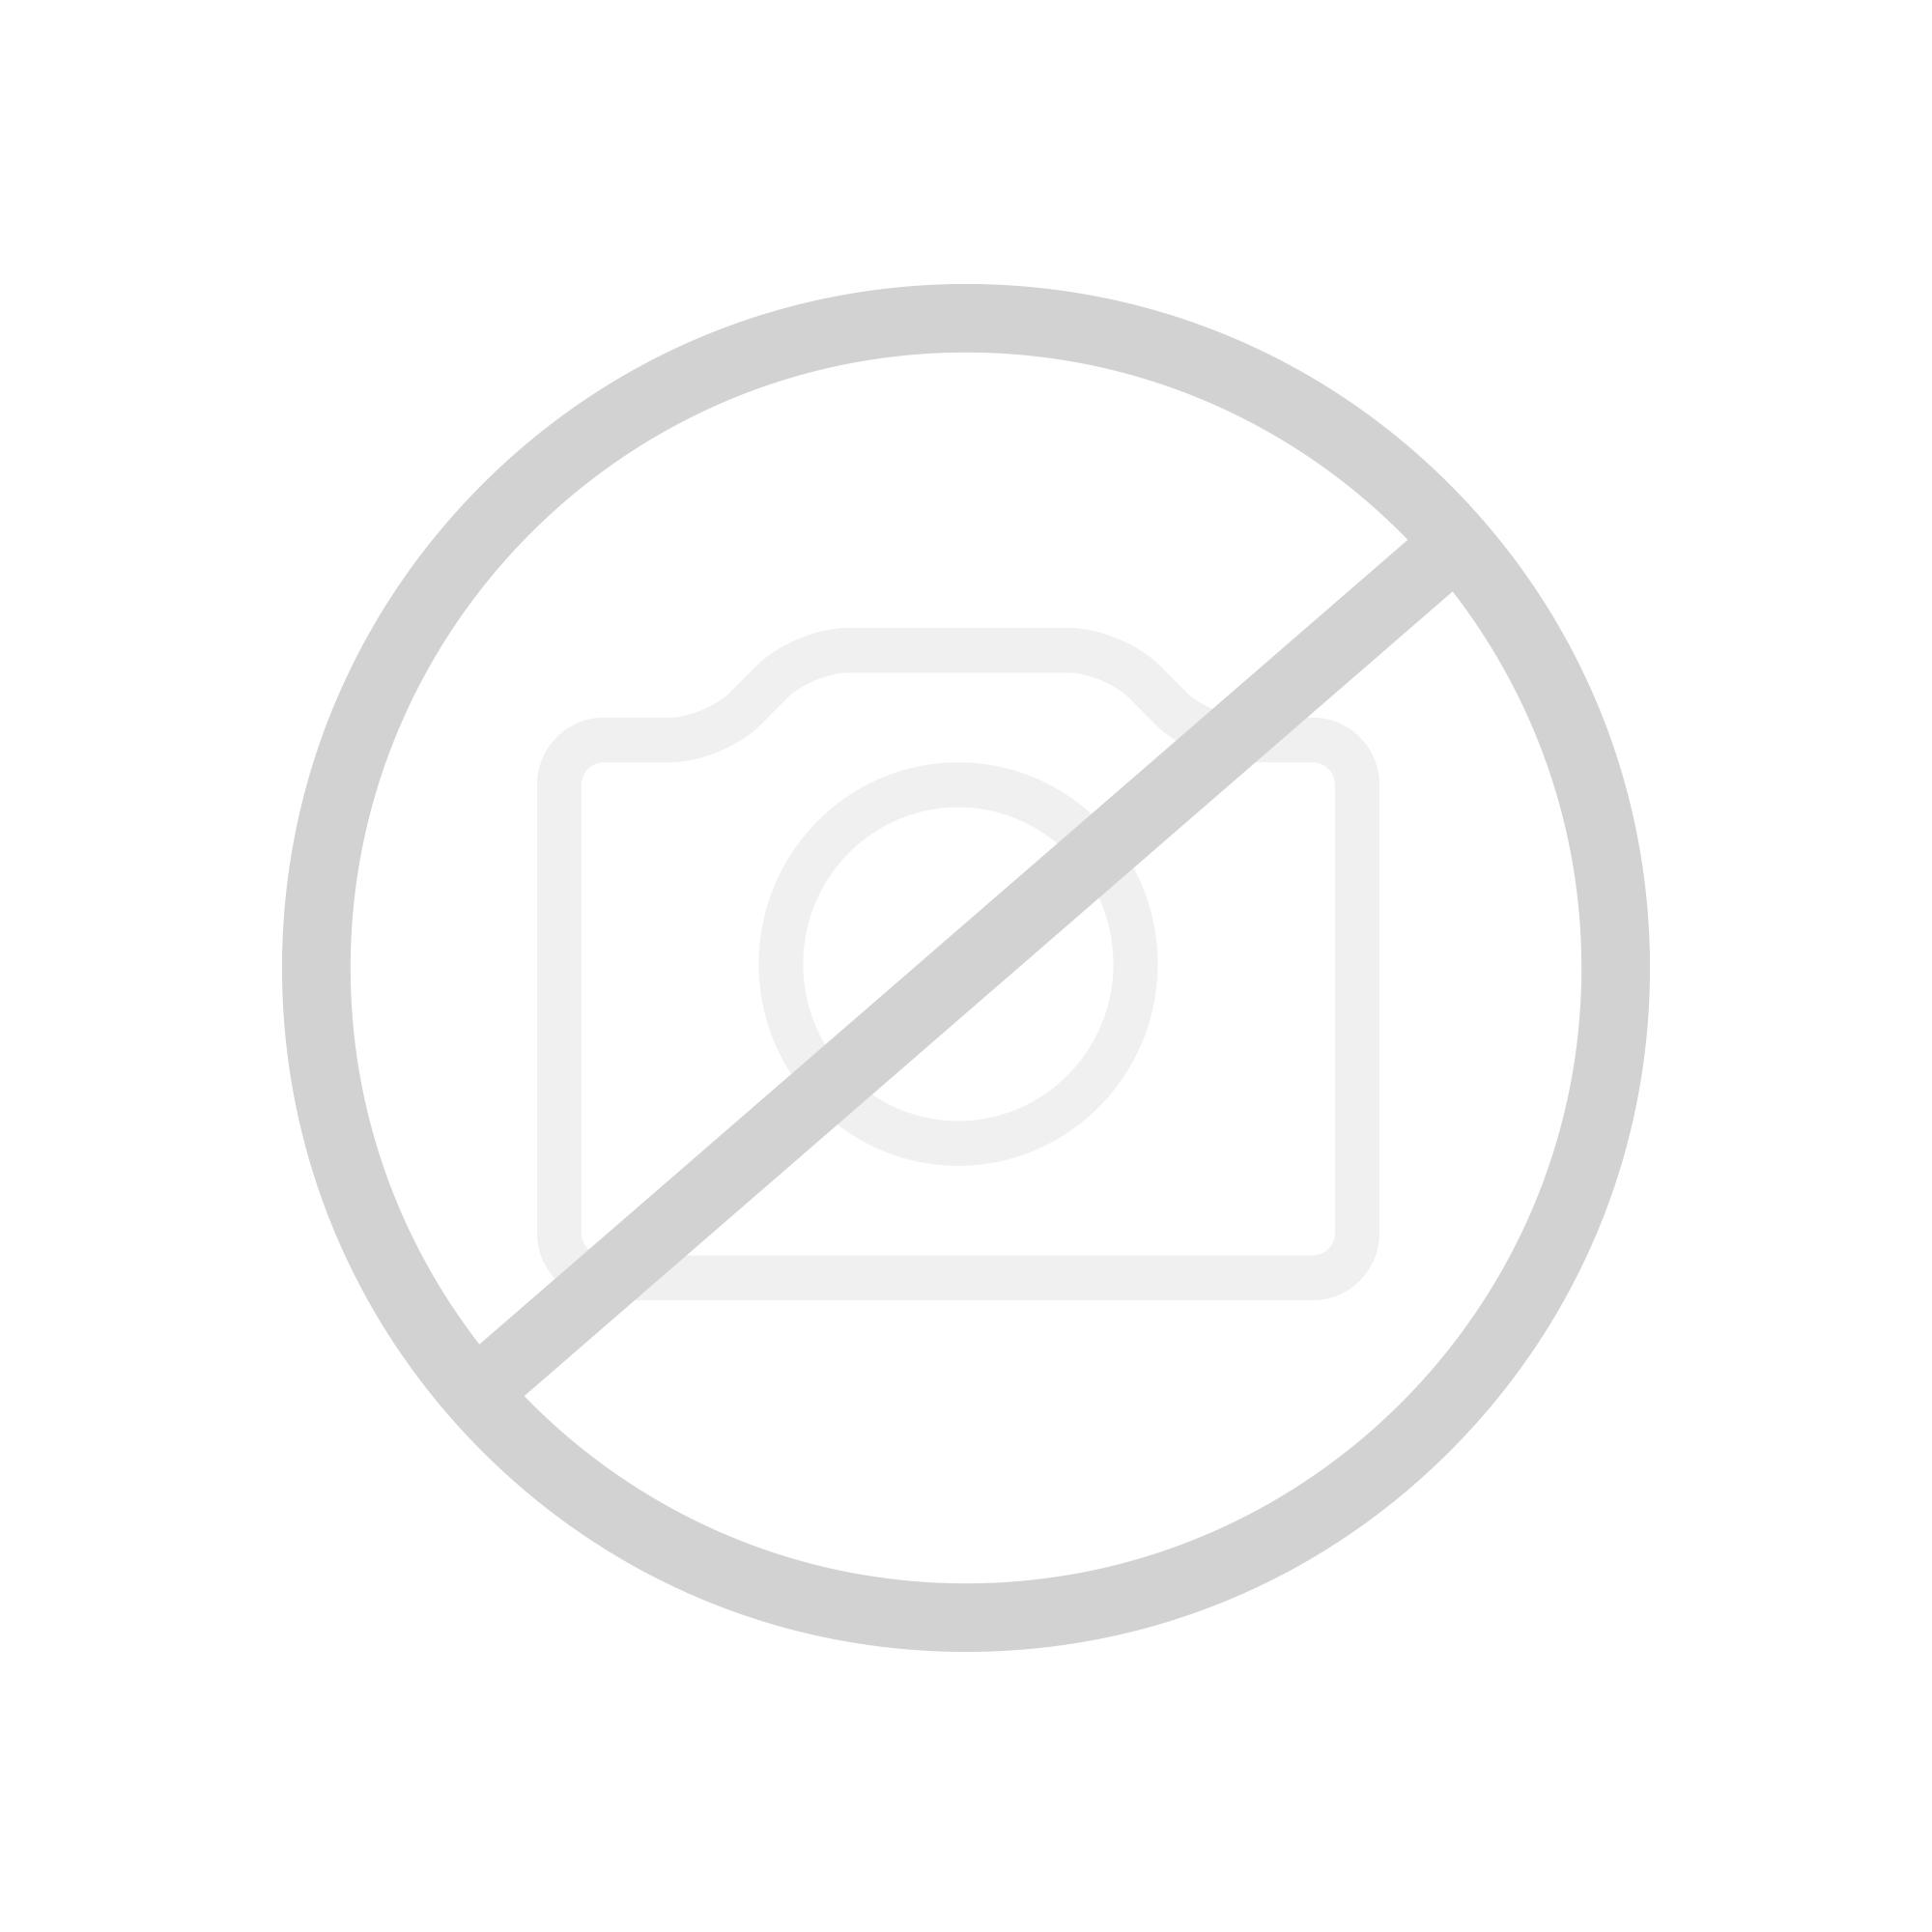 HSK Halbkreis Duschwanne, super-flach weiss ohne Schürze